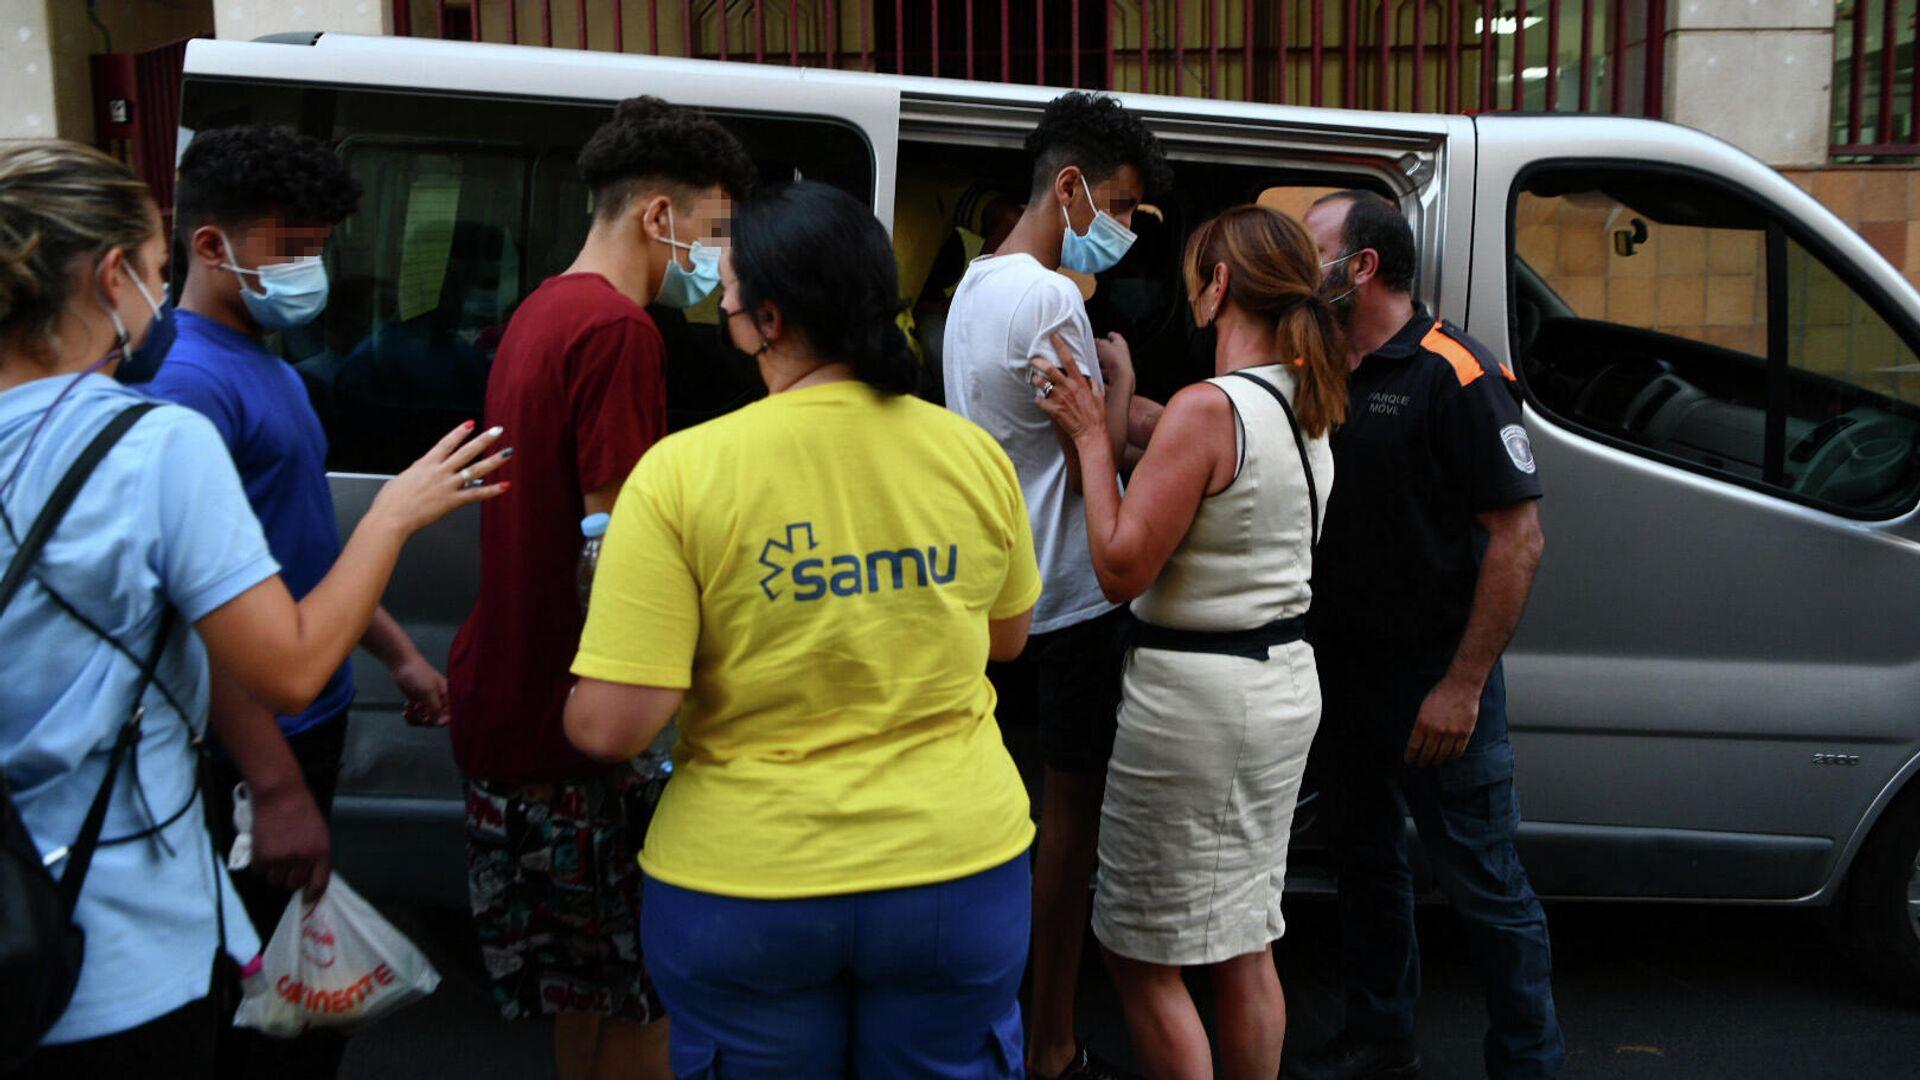 Trabajadores ayudan a tres de los menores marroquíes a las puertas del juzgado tras presentar una denuncia solicitando habeas corpus minutos antes de ser repatriados a su país de origen, en la frontera de Tarajal, a 16 de agosto de 2021, en Ceuta (España). - Sputnik Mundo, 1920, 27.08.2021